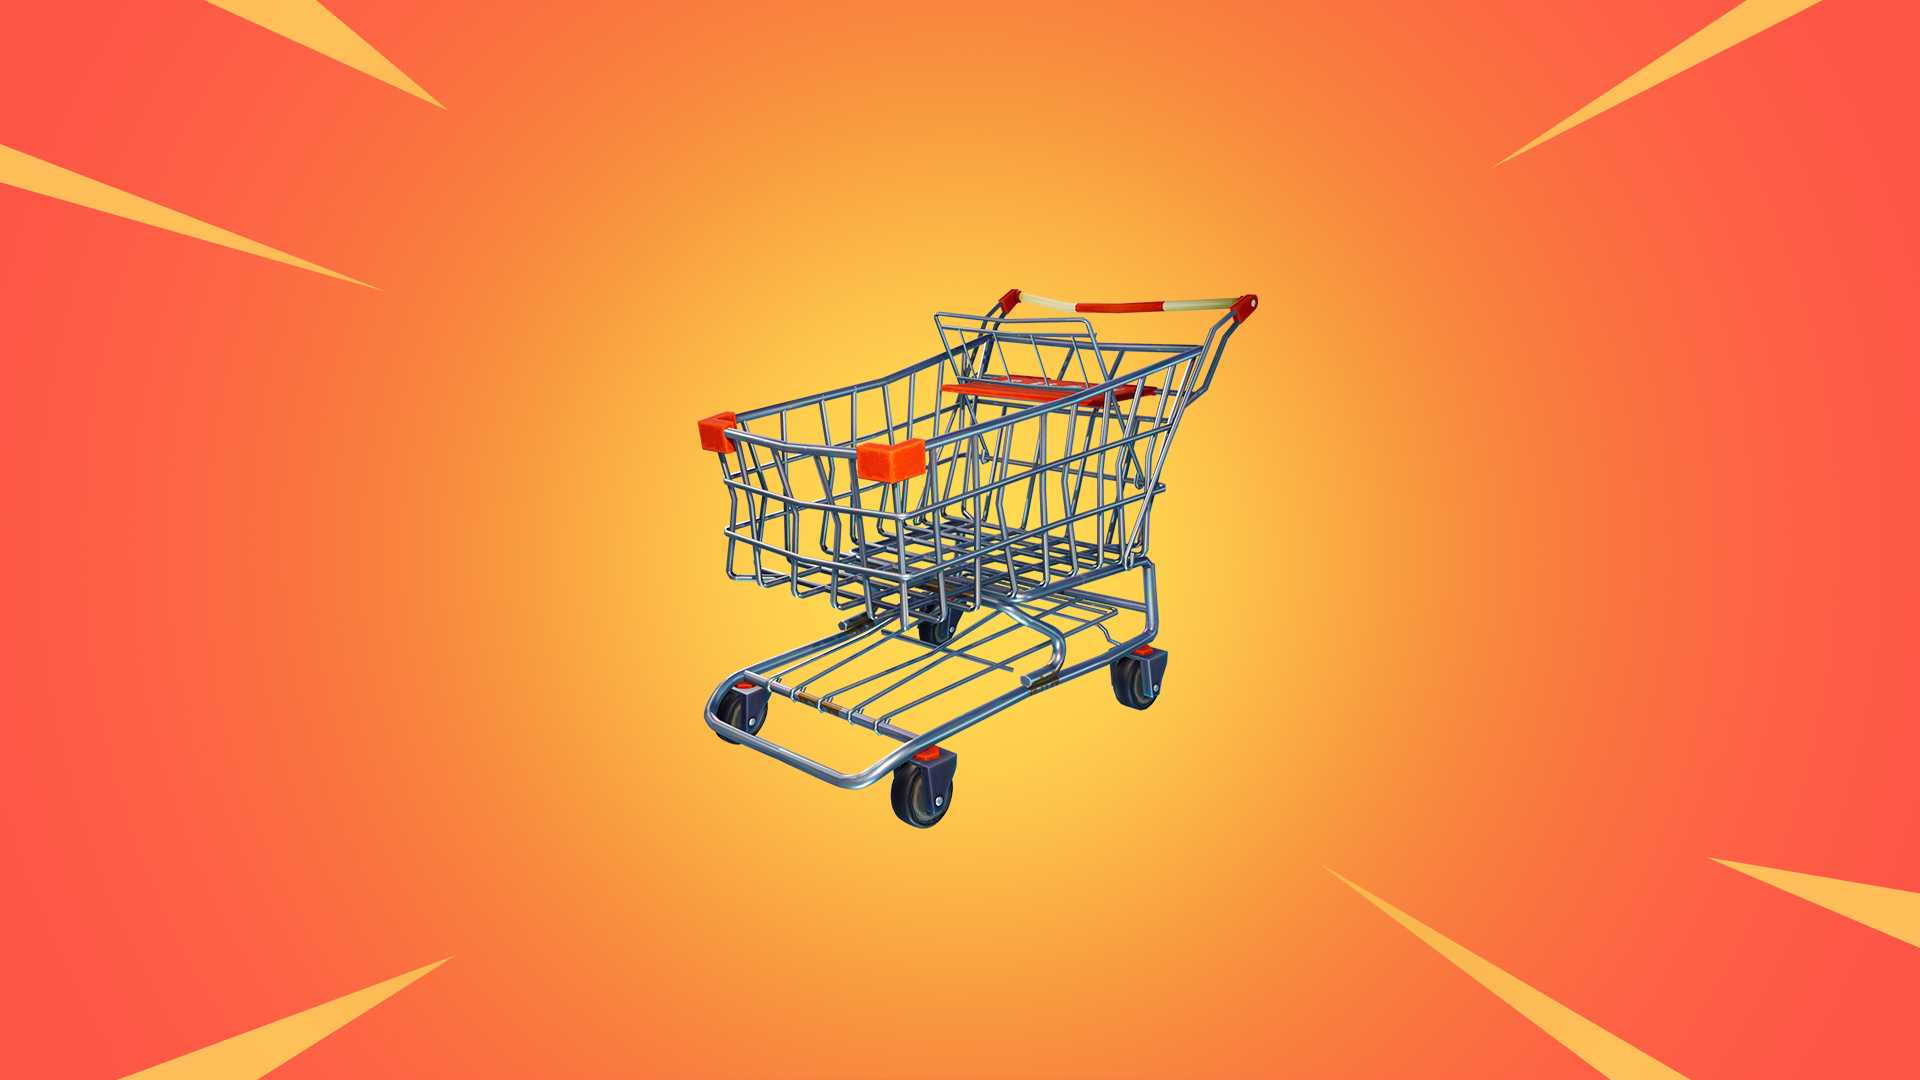 『フォートナイト』v4.3アップデート:車両「ショッピングカート」実装、モバイル版へボイスチャット機能導入など